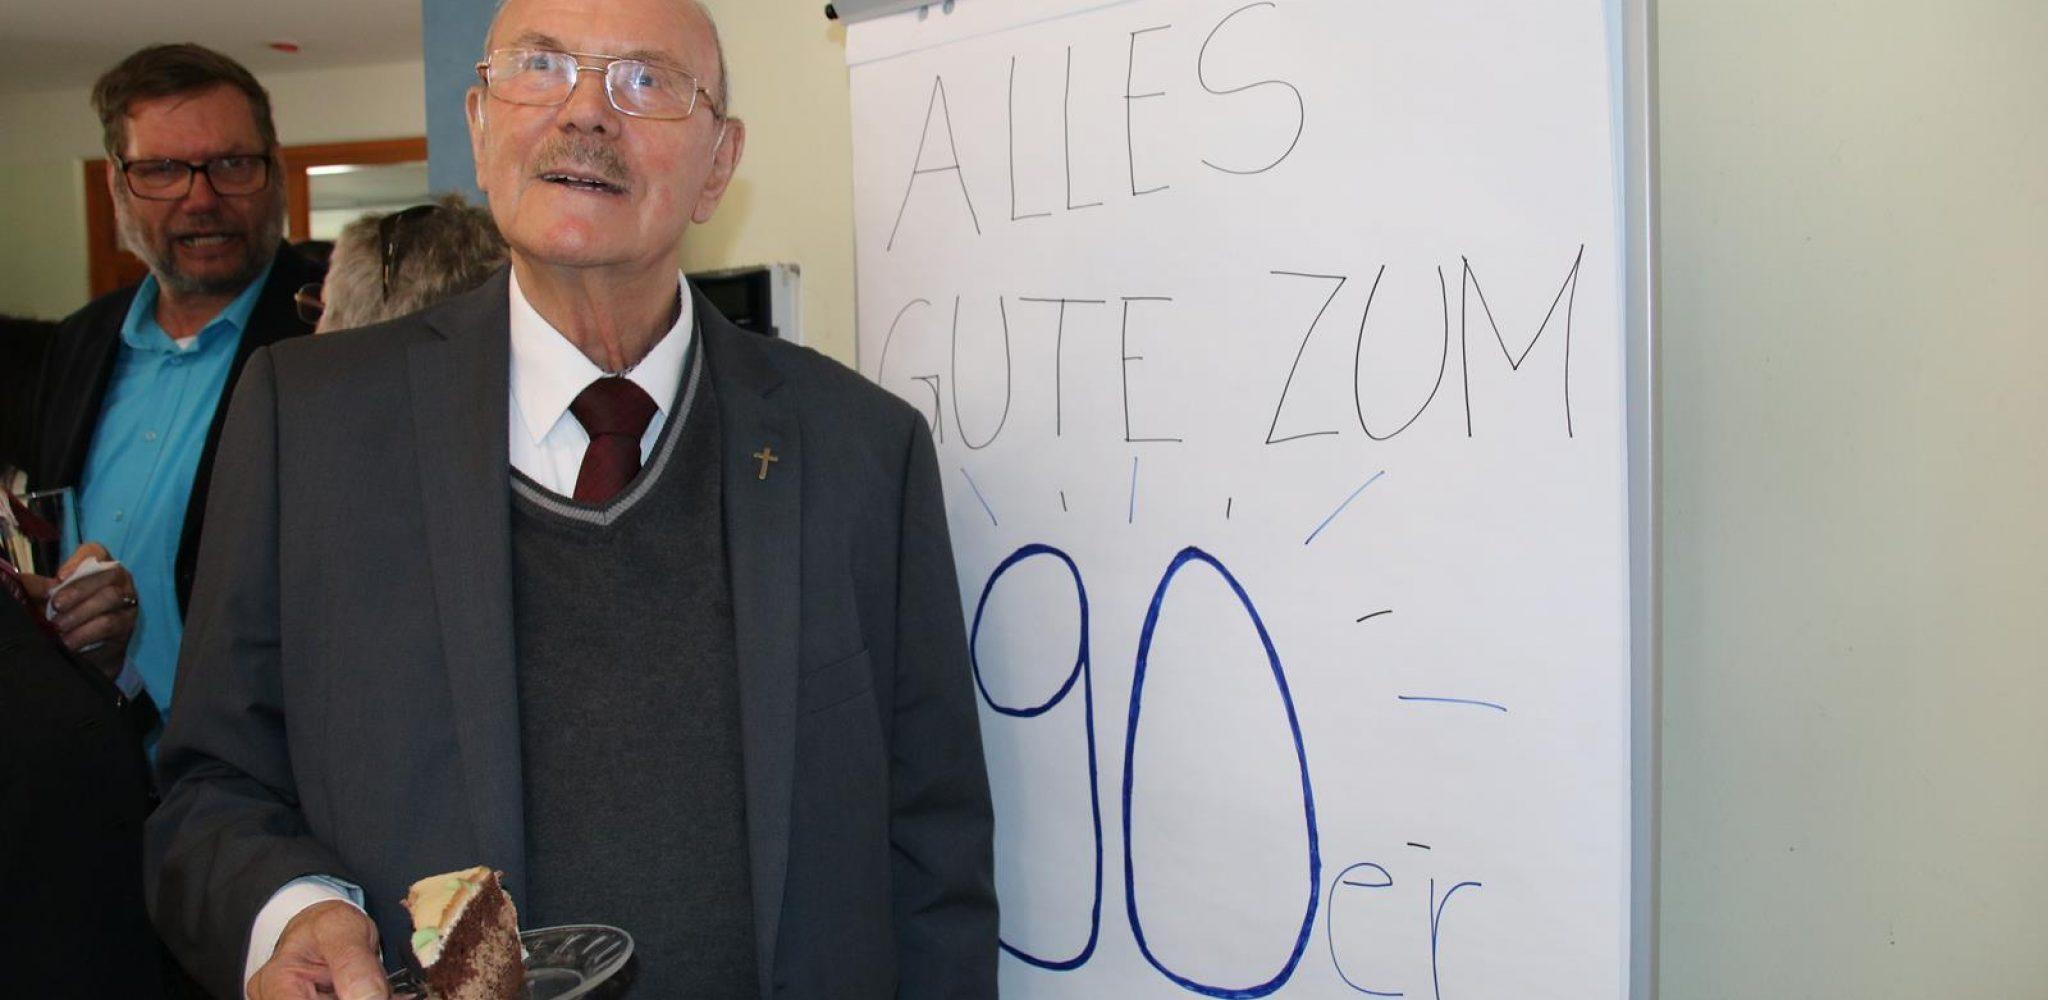 28. 4. 2019 Weißer Sonntag, Dankmesse zum 90. Geburtstag von Pf. Dr. August Dobbek (55)